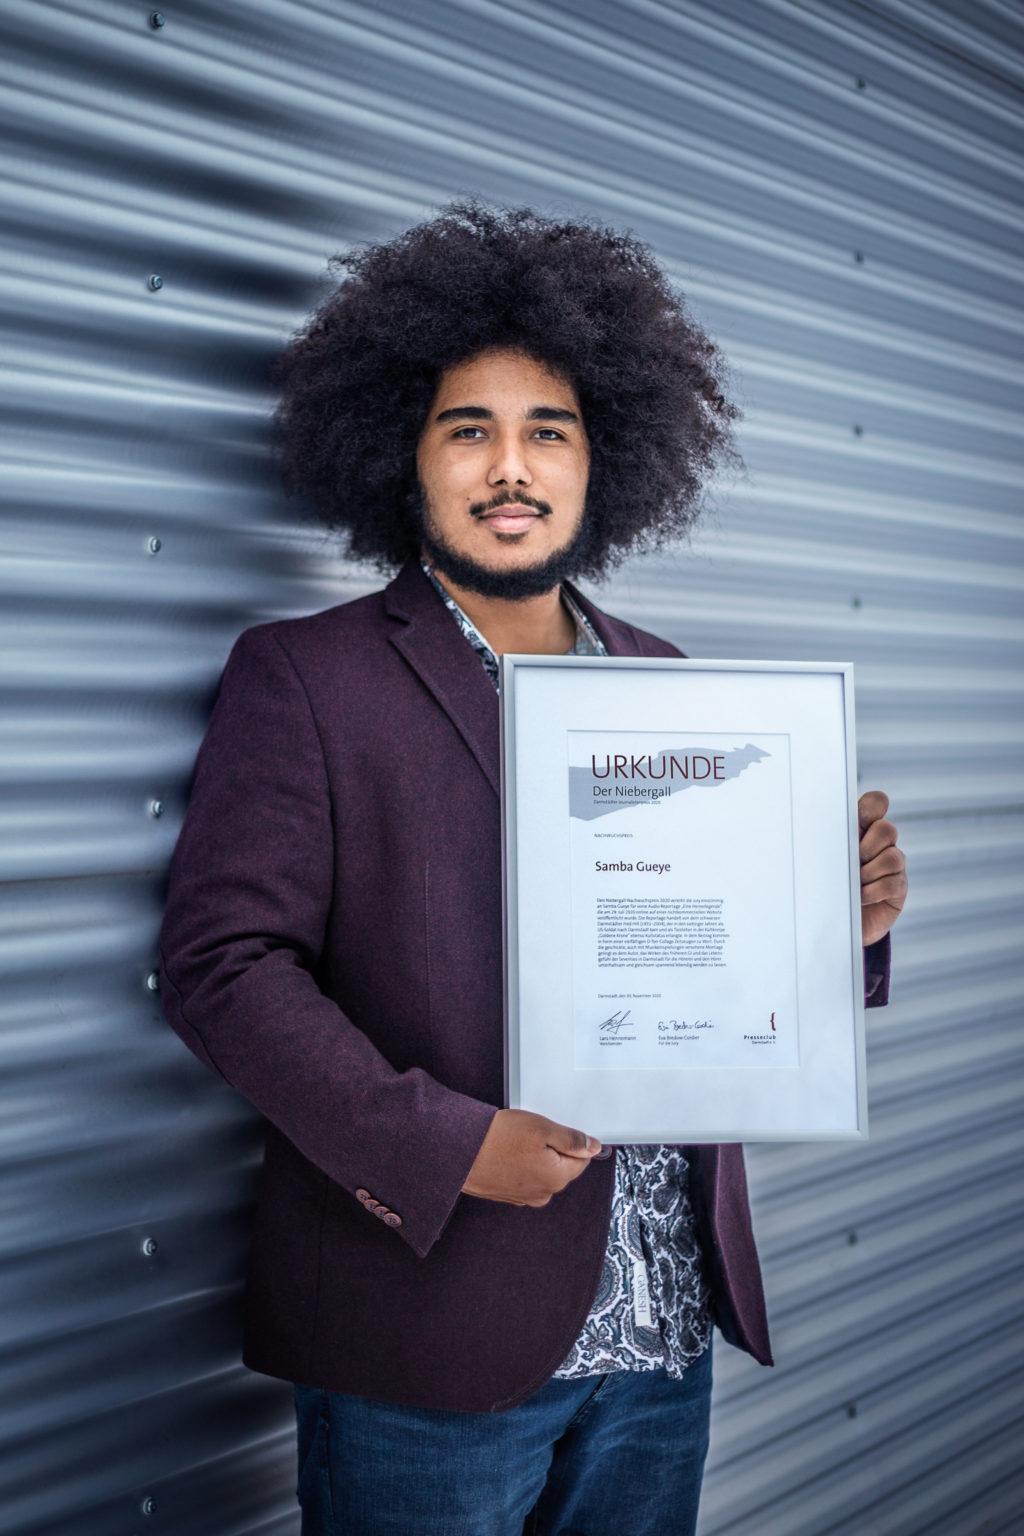 Preisträger Samba Gueye mit Urkunde